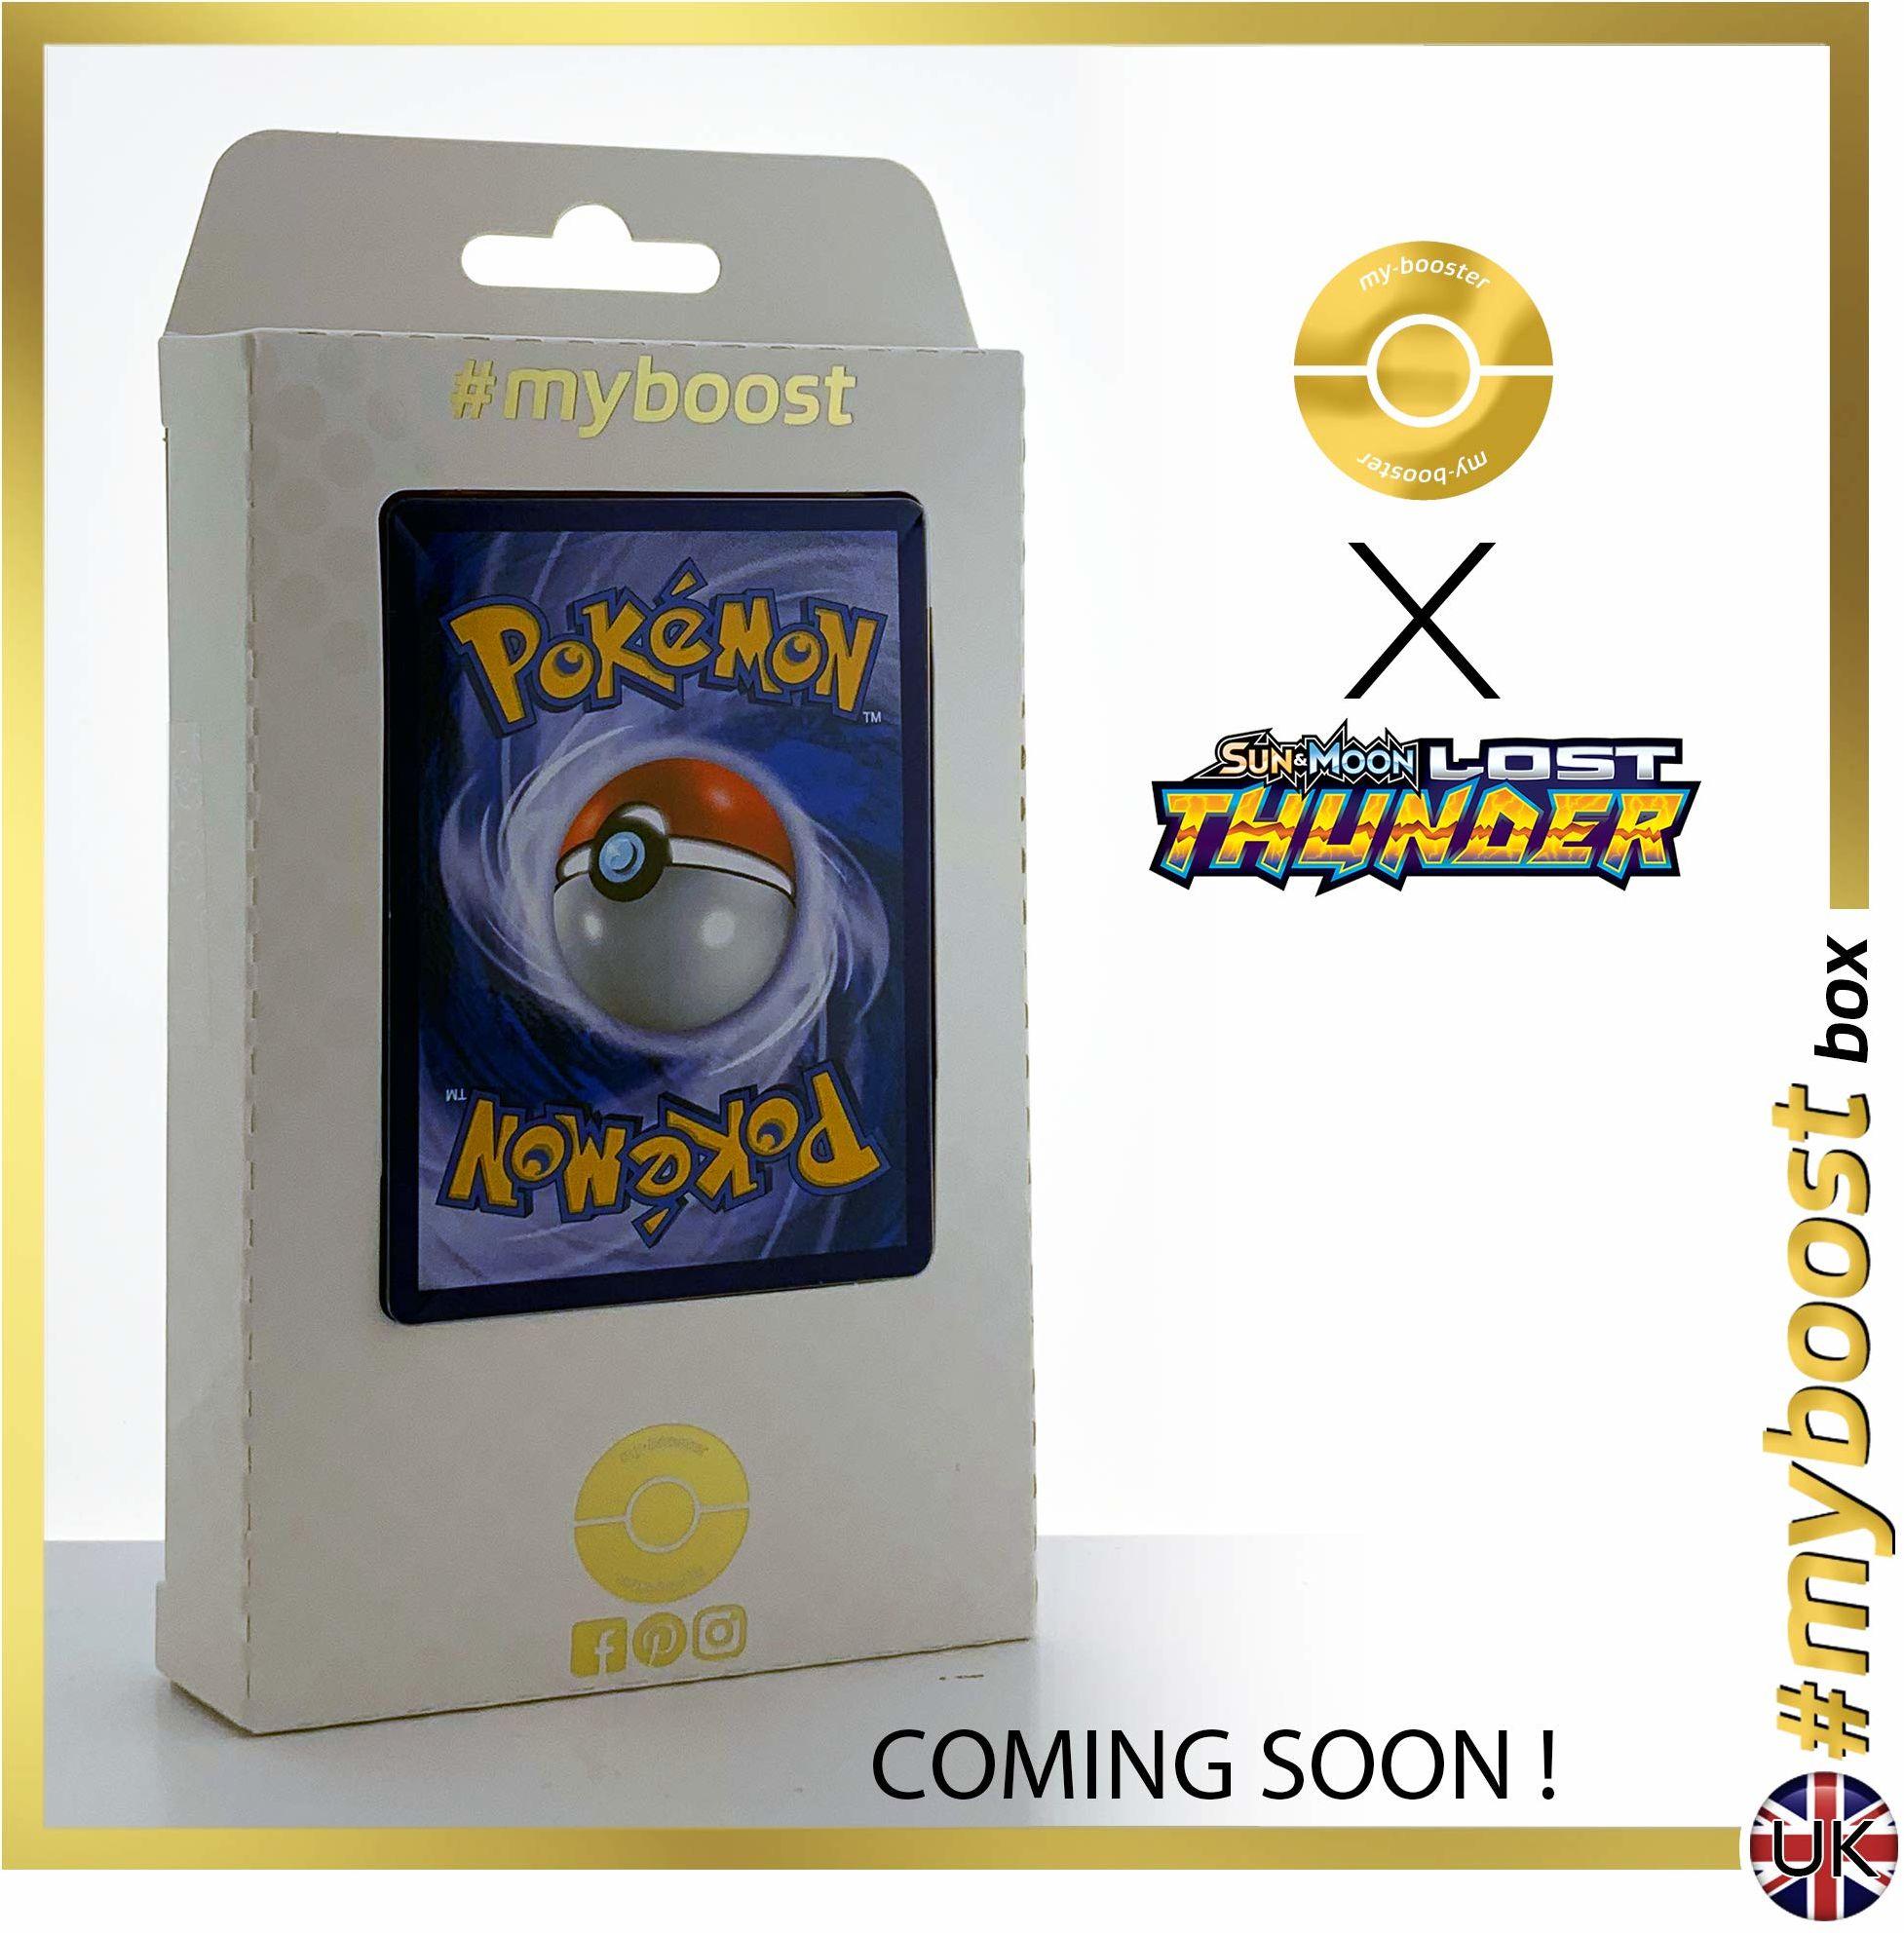 Raikou 79/214 & Donphan 112/214 - #tooboost X Sun & Moon 8 Lost Thunder - pudełko z 10 angielskimi kartami Pokémon + 1 Pokémon-Goodie